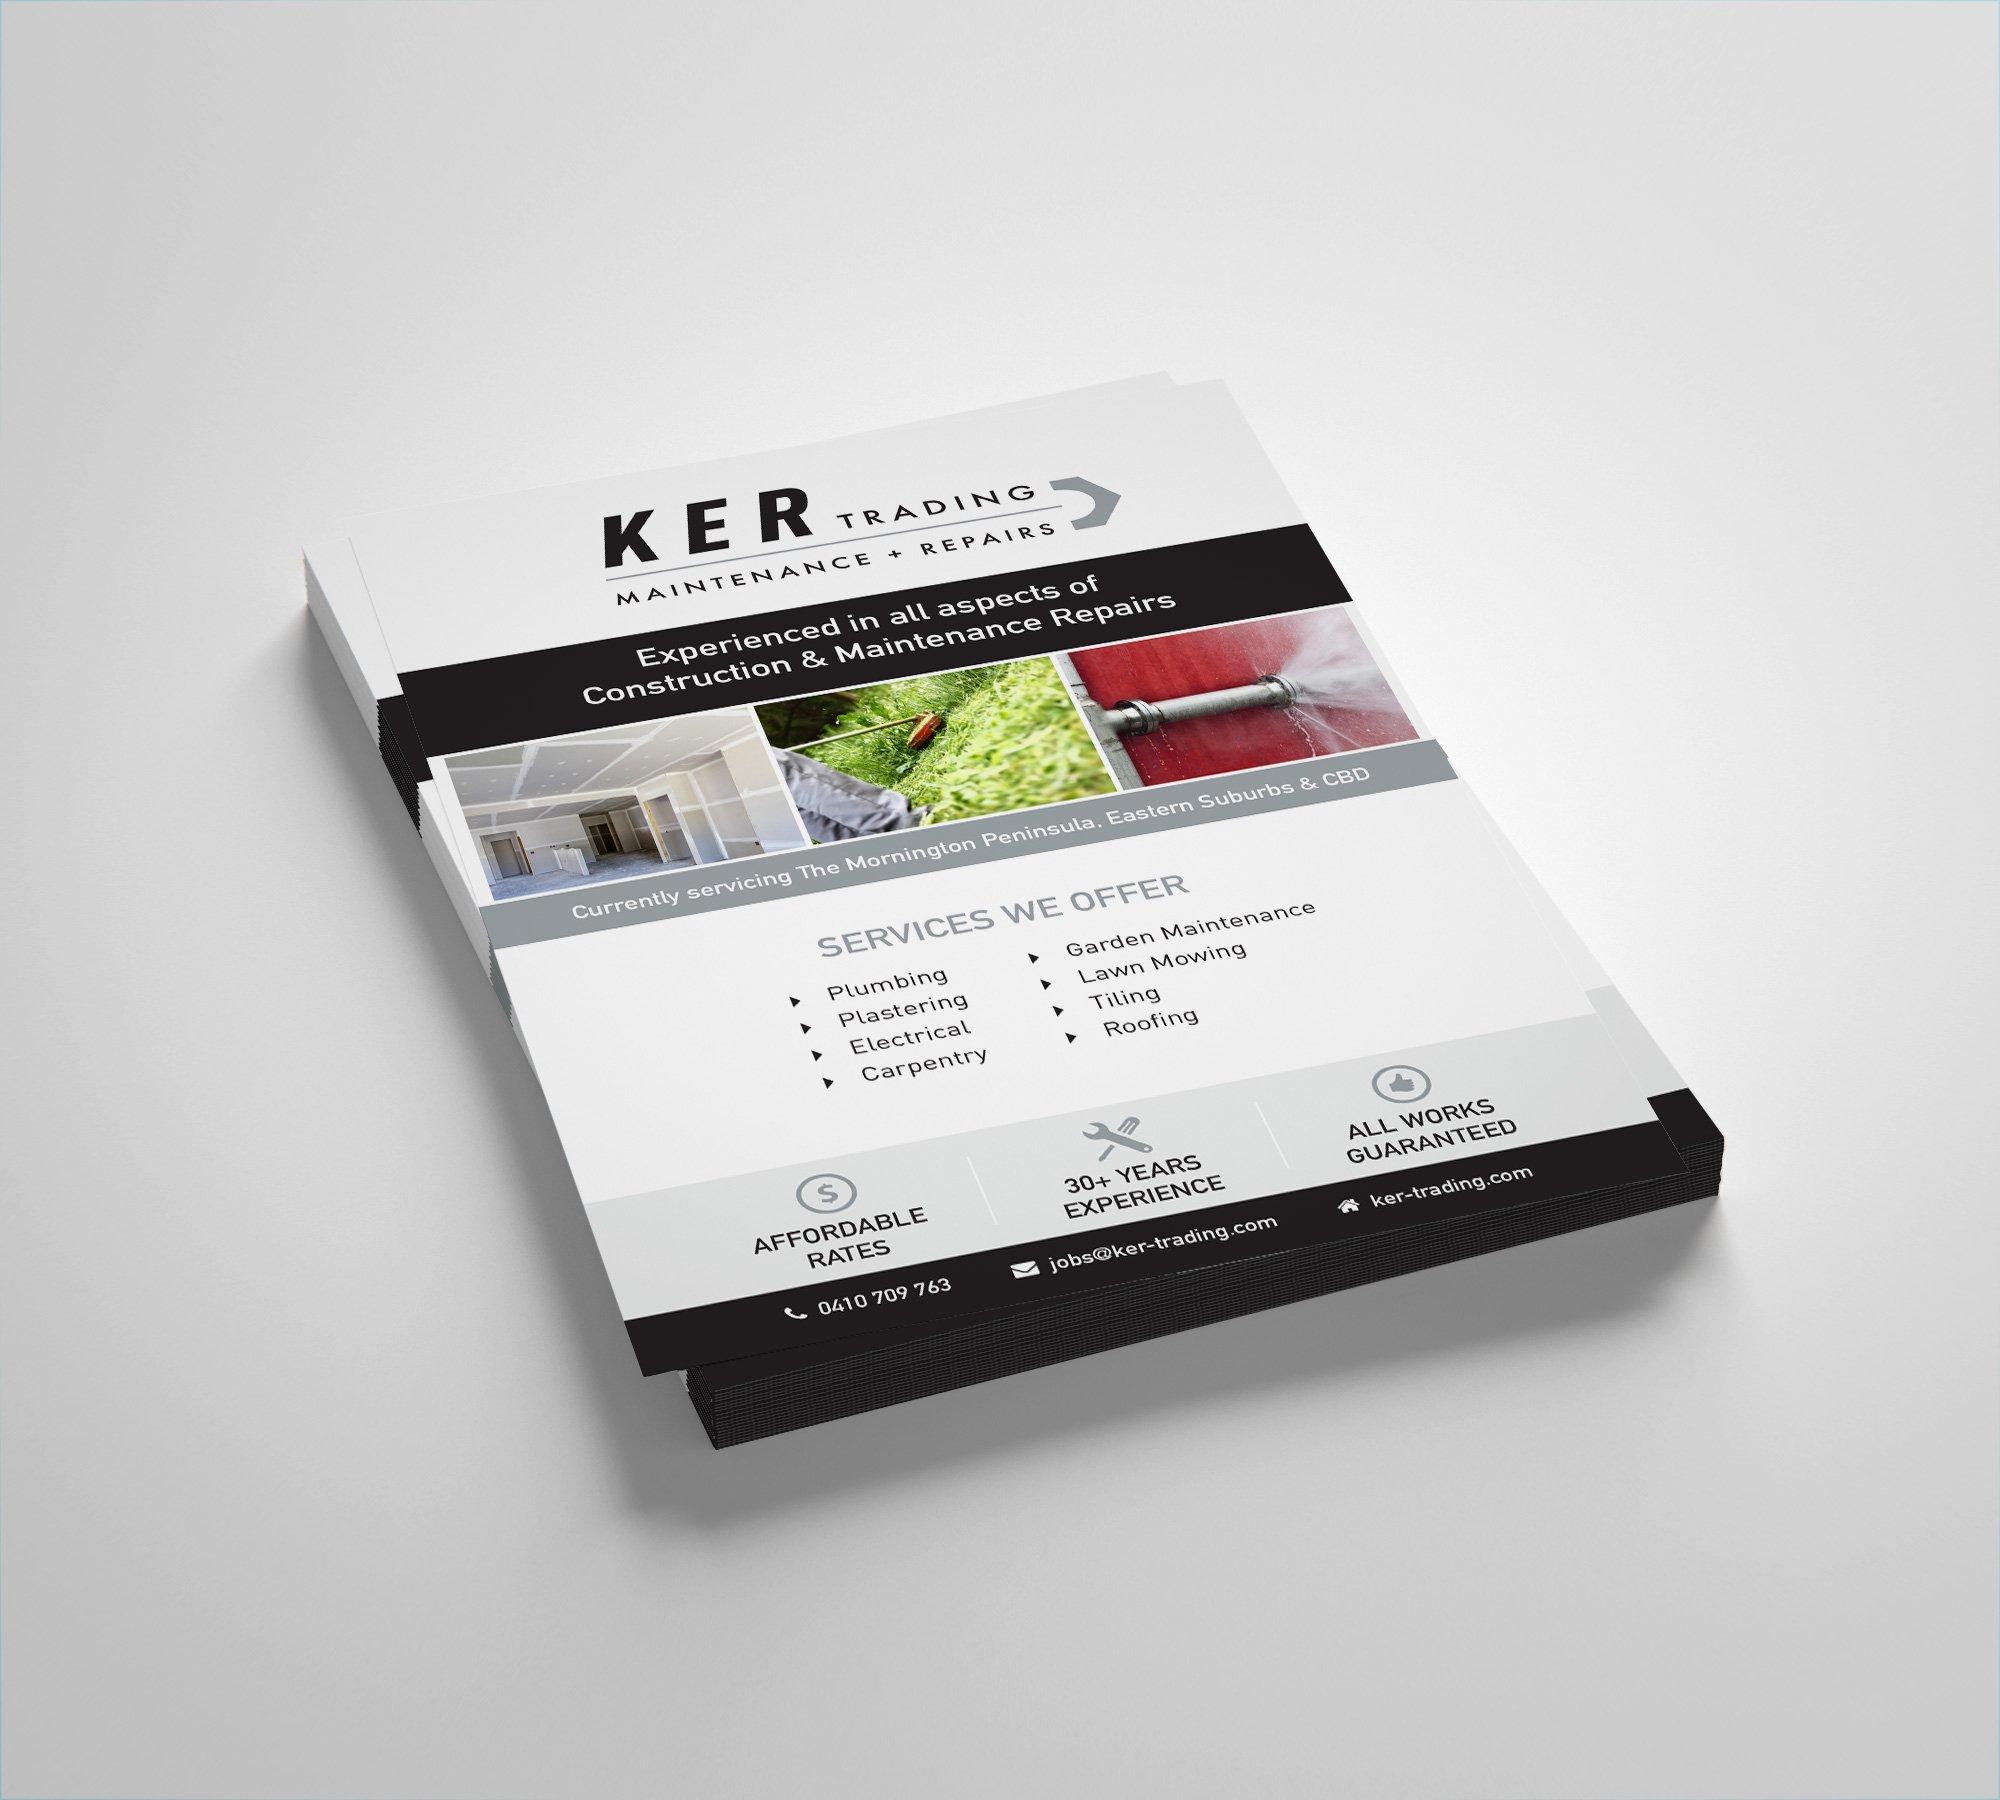 KER Trading flyers